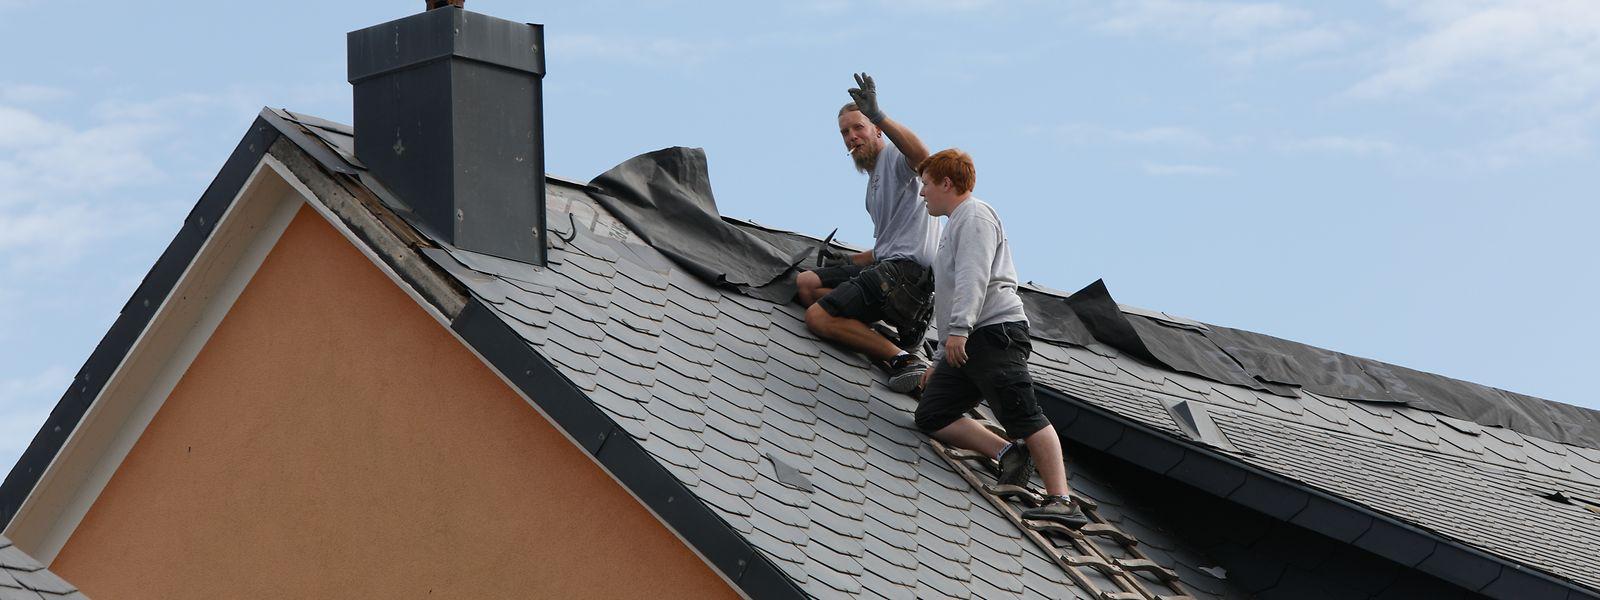 Bereits am Sonntag konnten zahlreiche Dächer provisorisch gegen weiteren Niederschlag abgesichert werden.